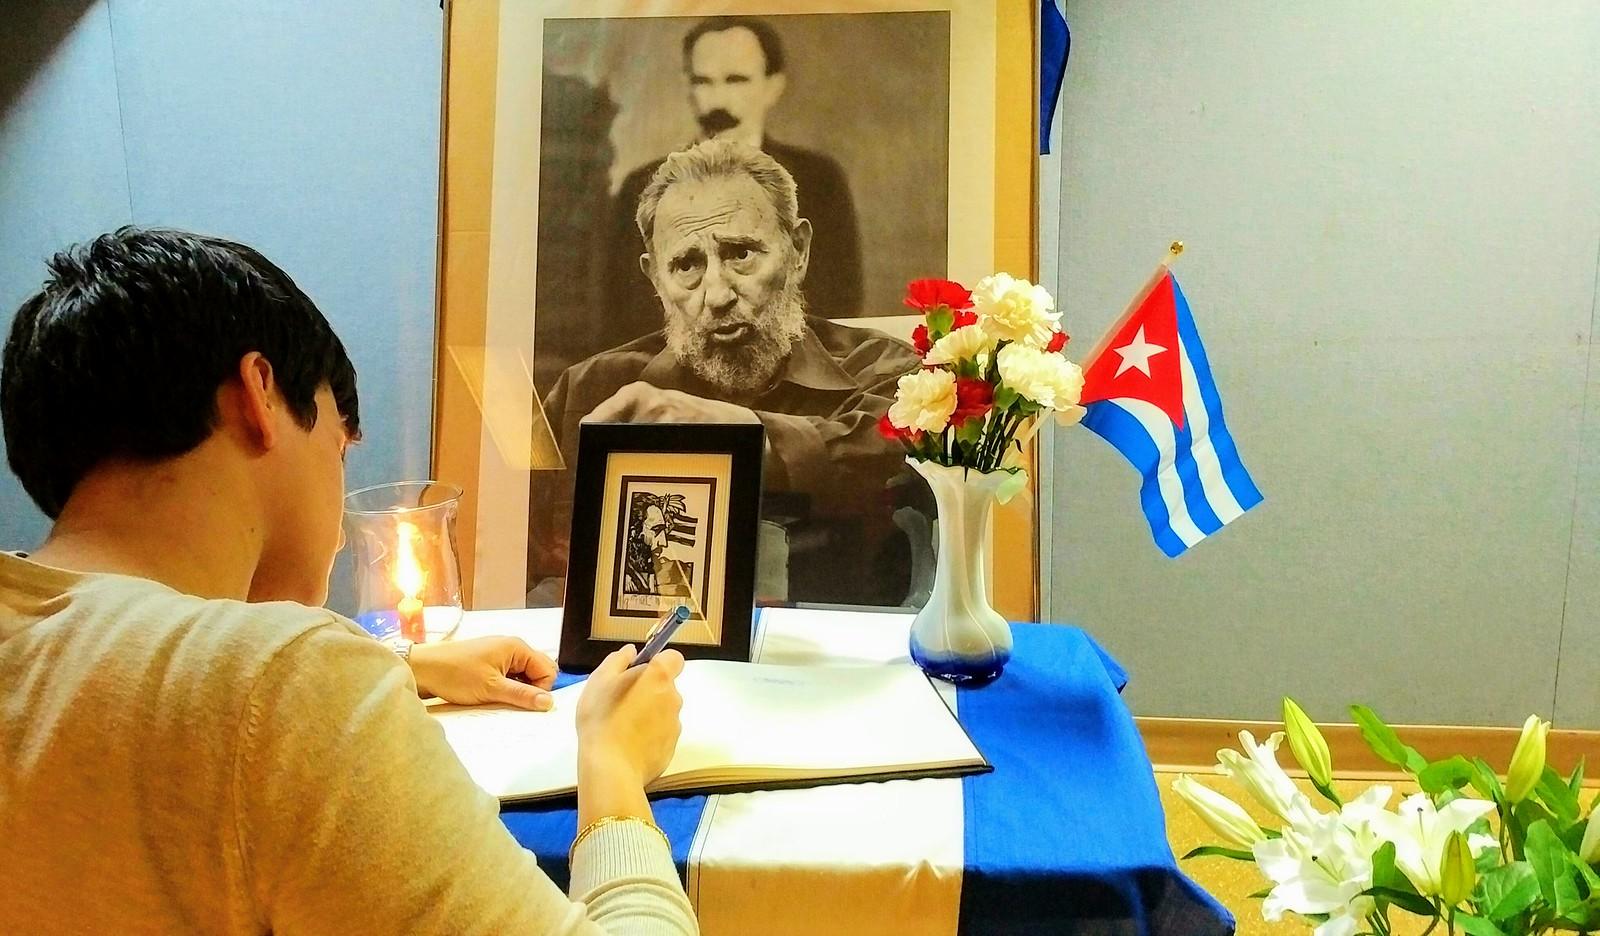 Vancouver Remembers Comandante Fidel Castro